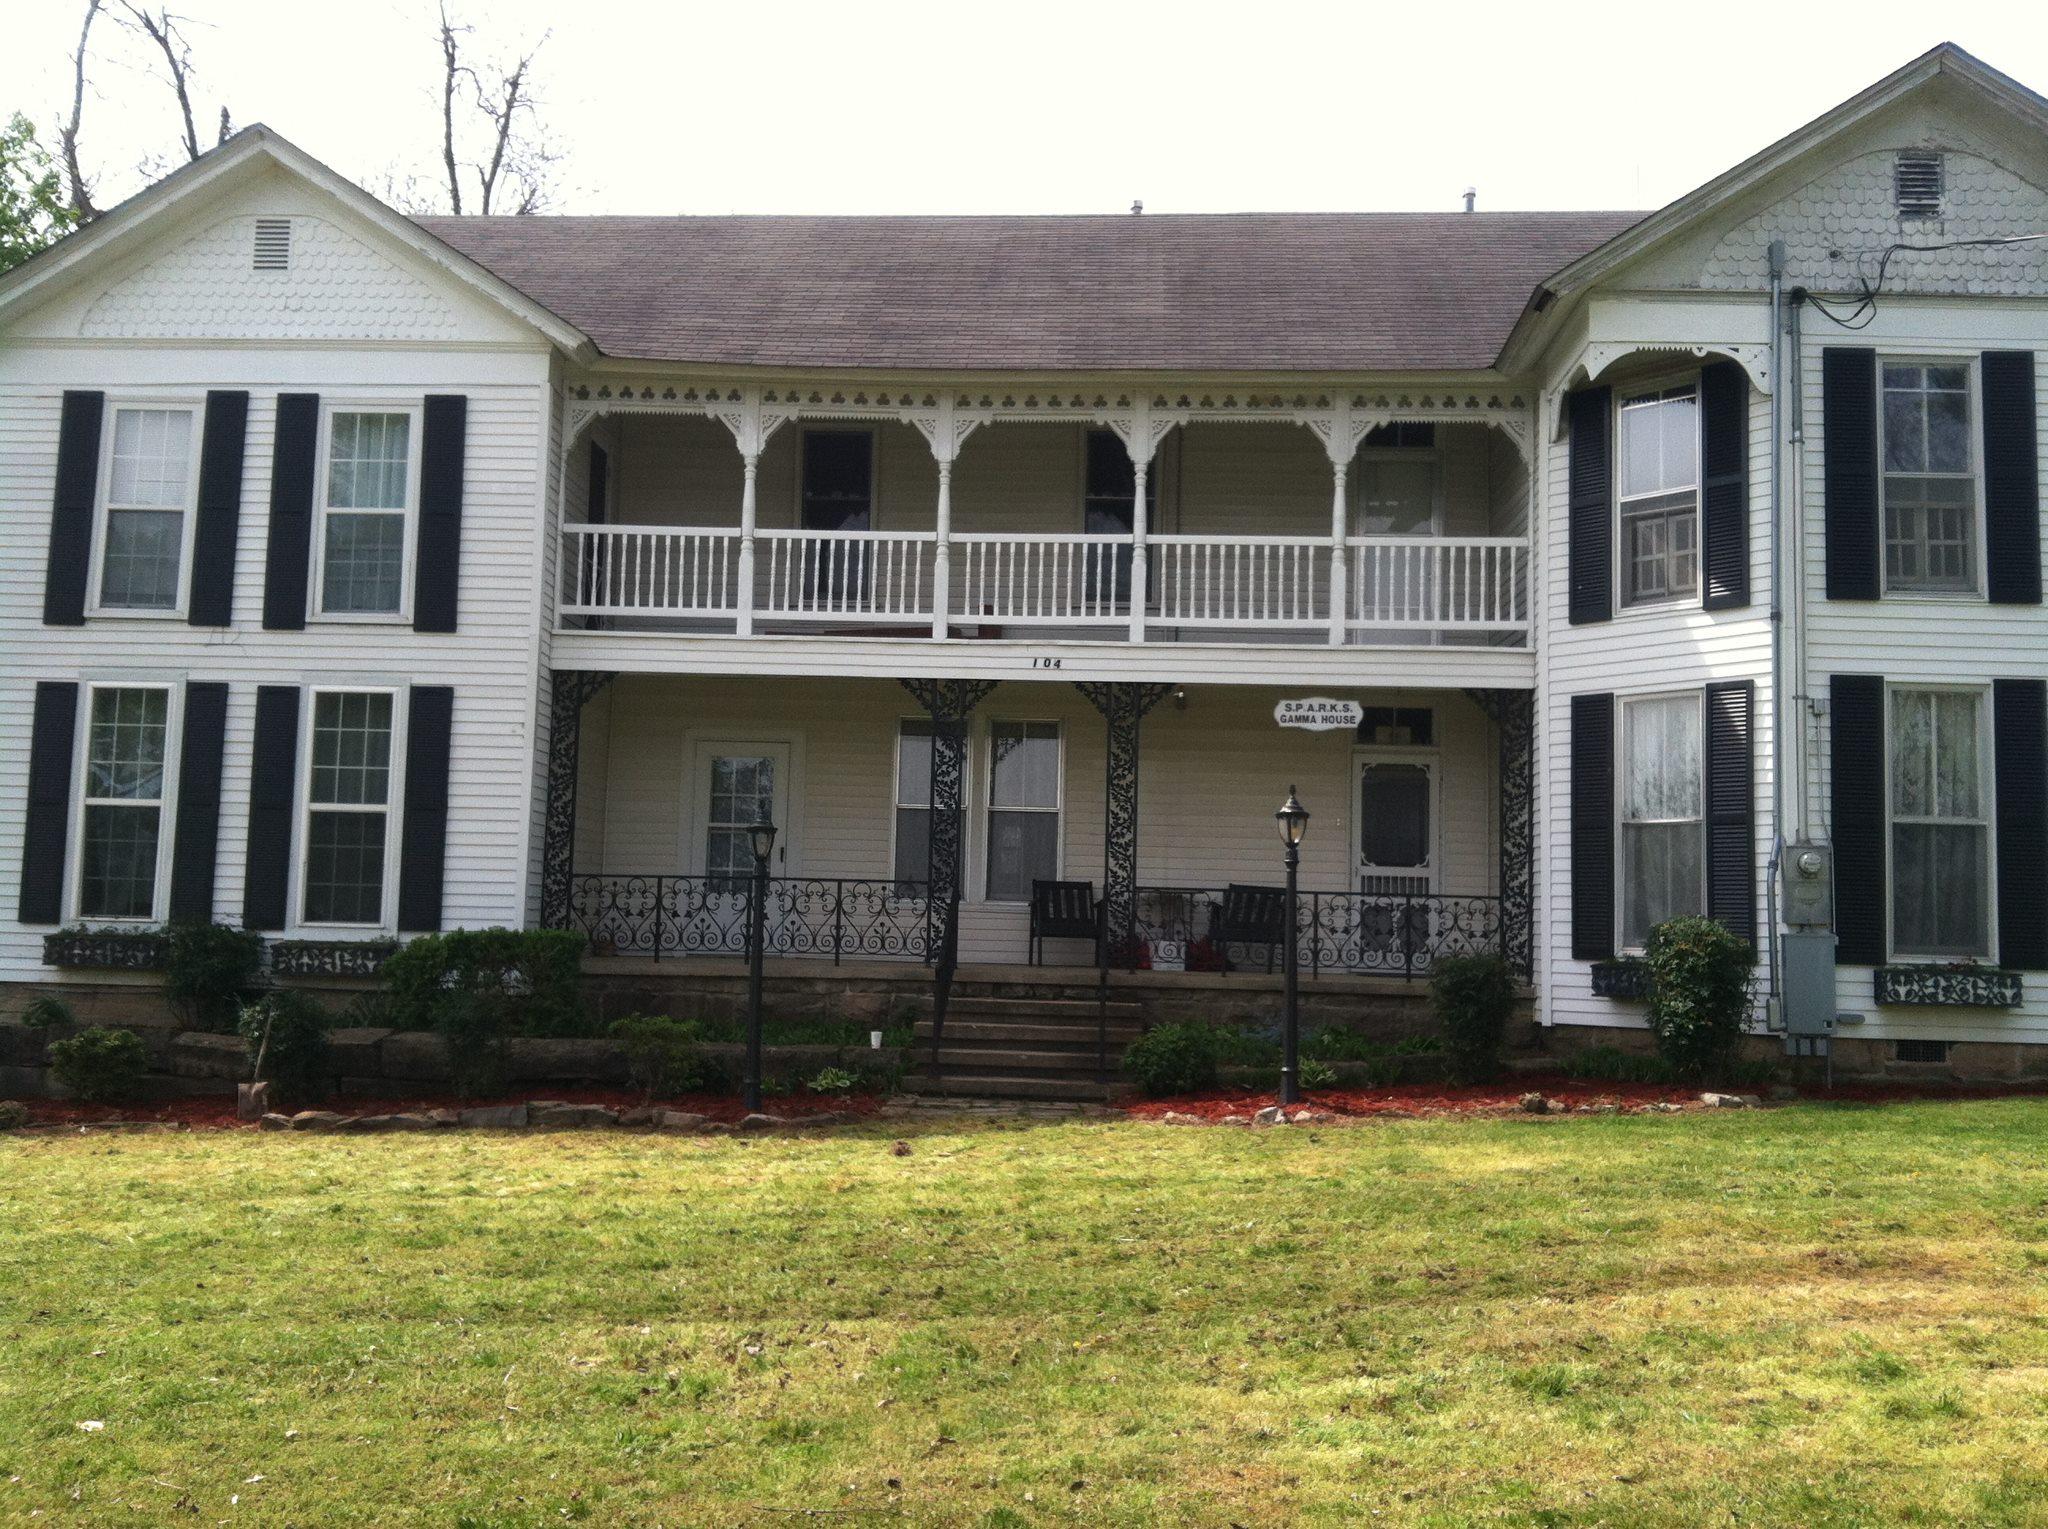 Gamma House Mountain Home Arkansas